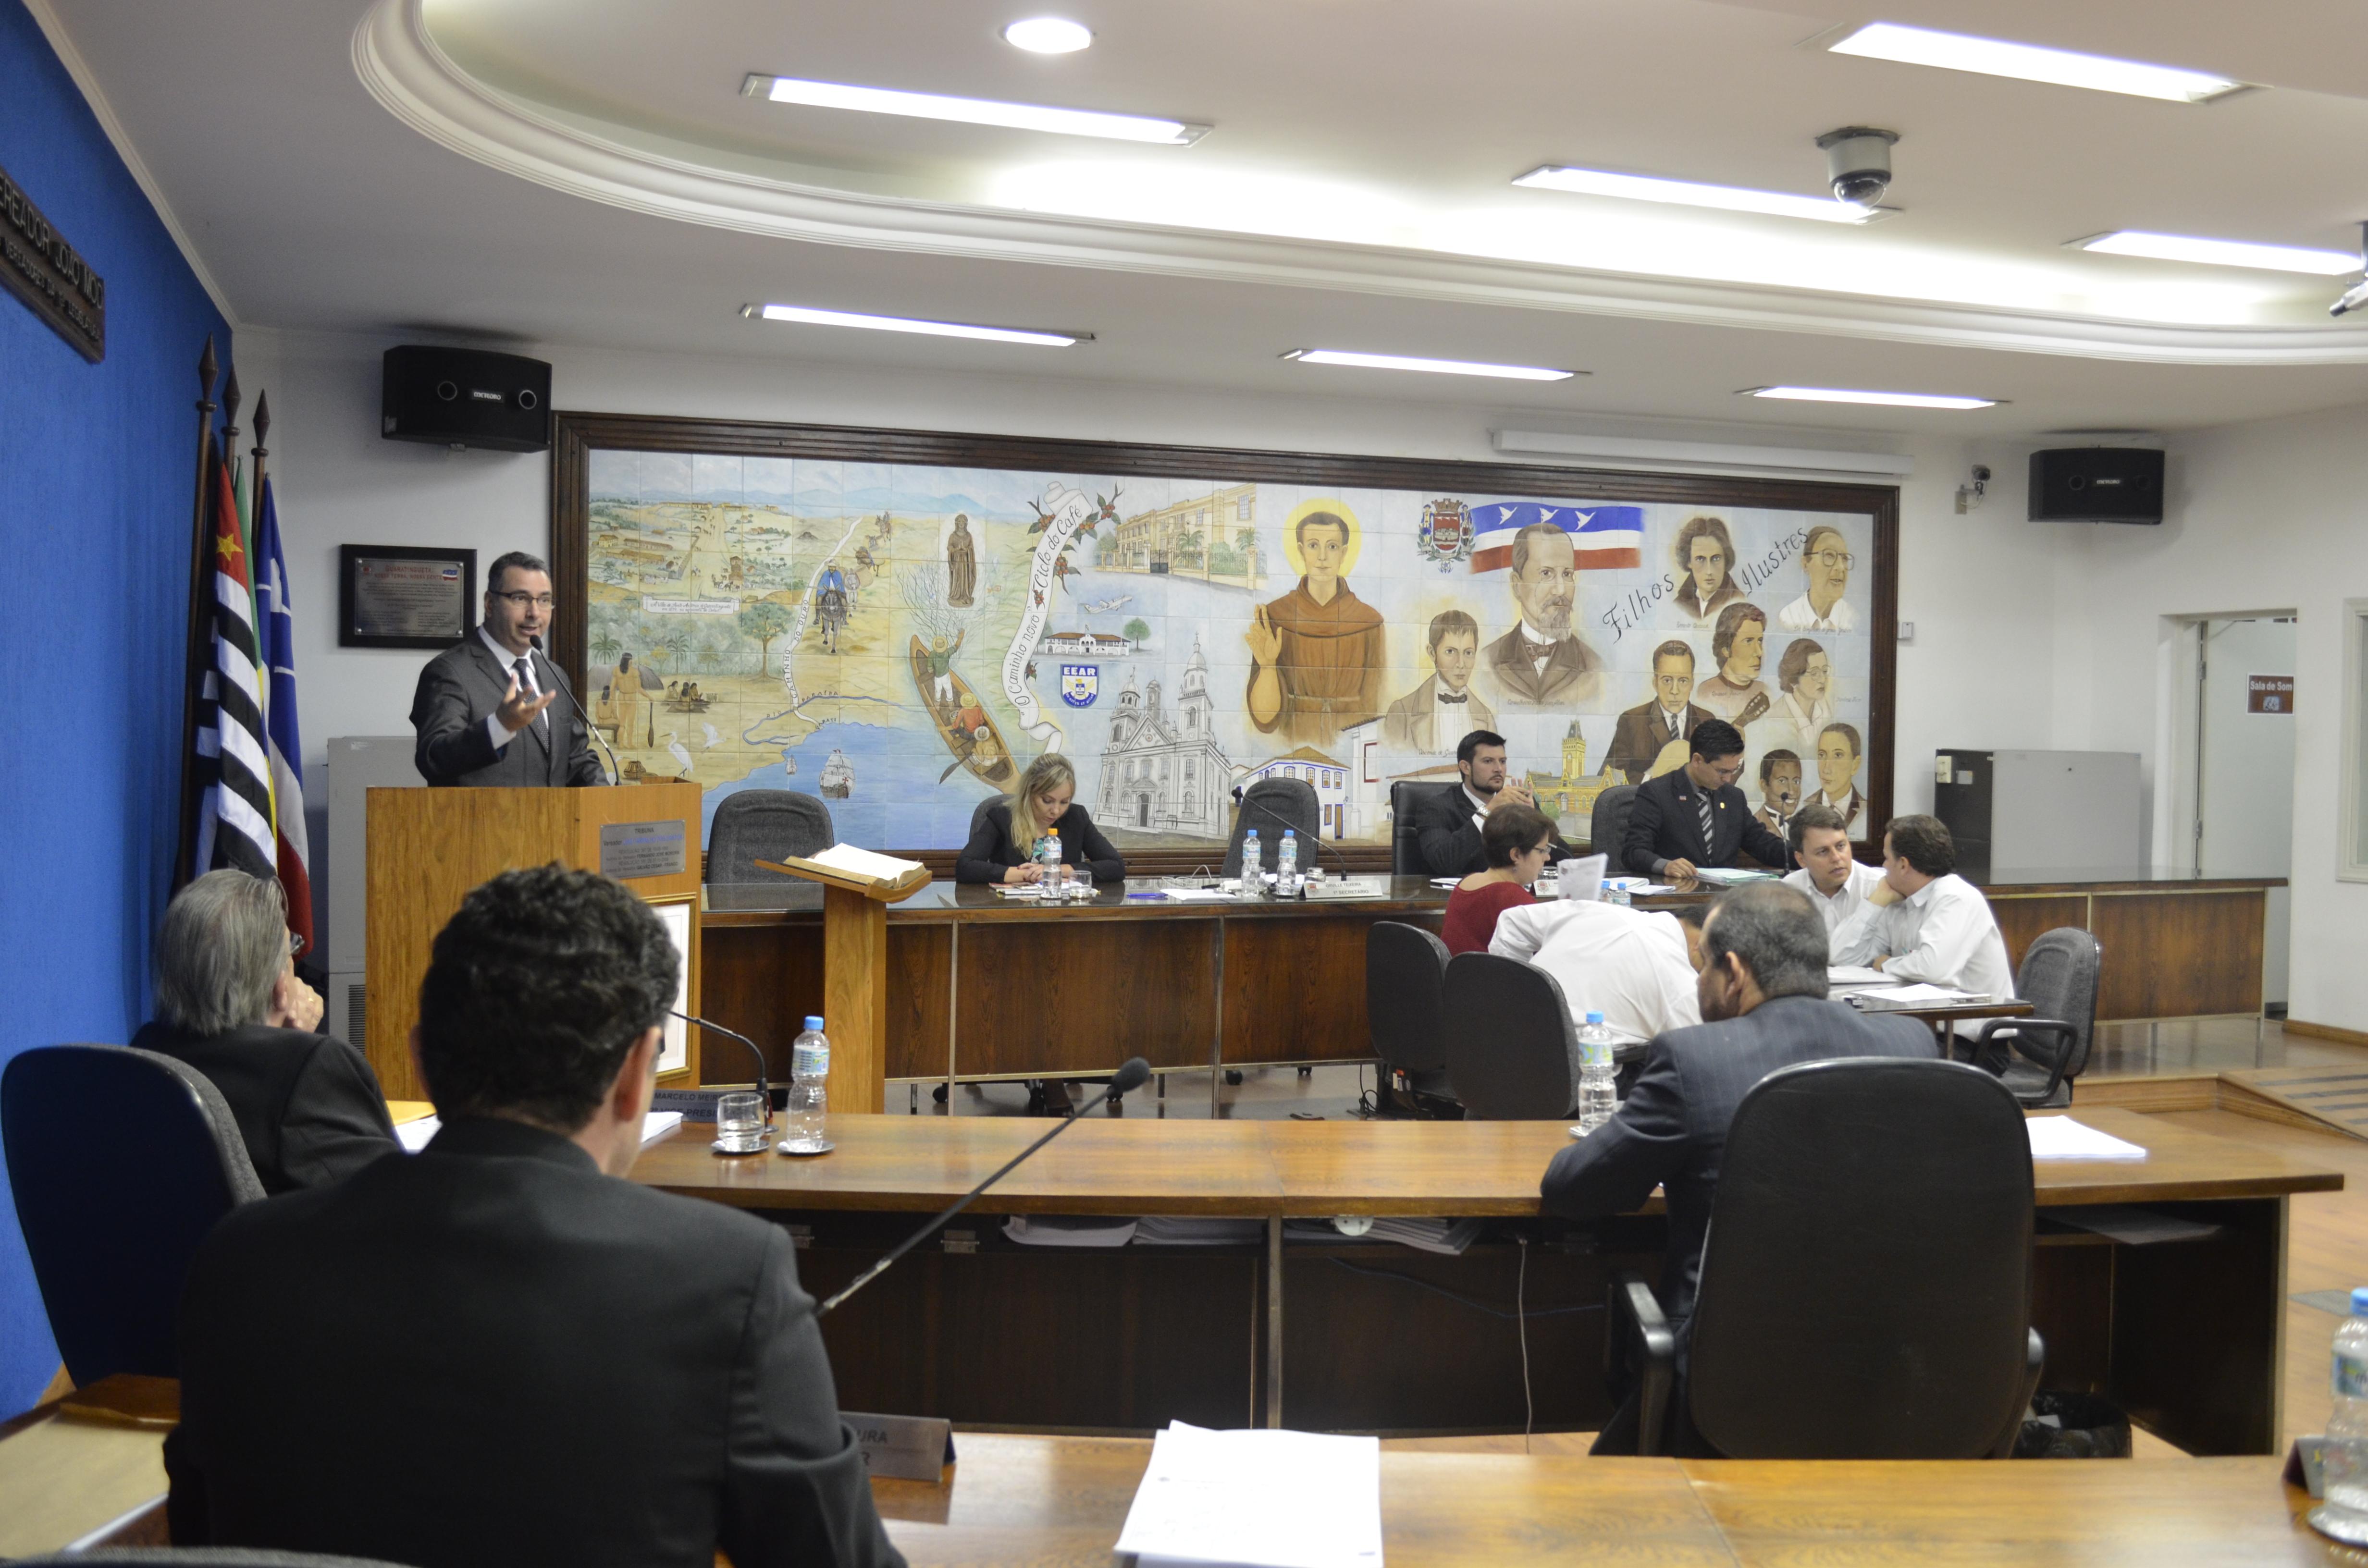 Sessão da Câmara de Guaratinguetá, que aprovou as contas de 2003 do prefeito Francisco Carlos (Foto: Leandro Oliveira)